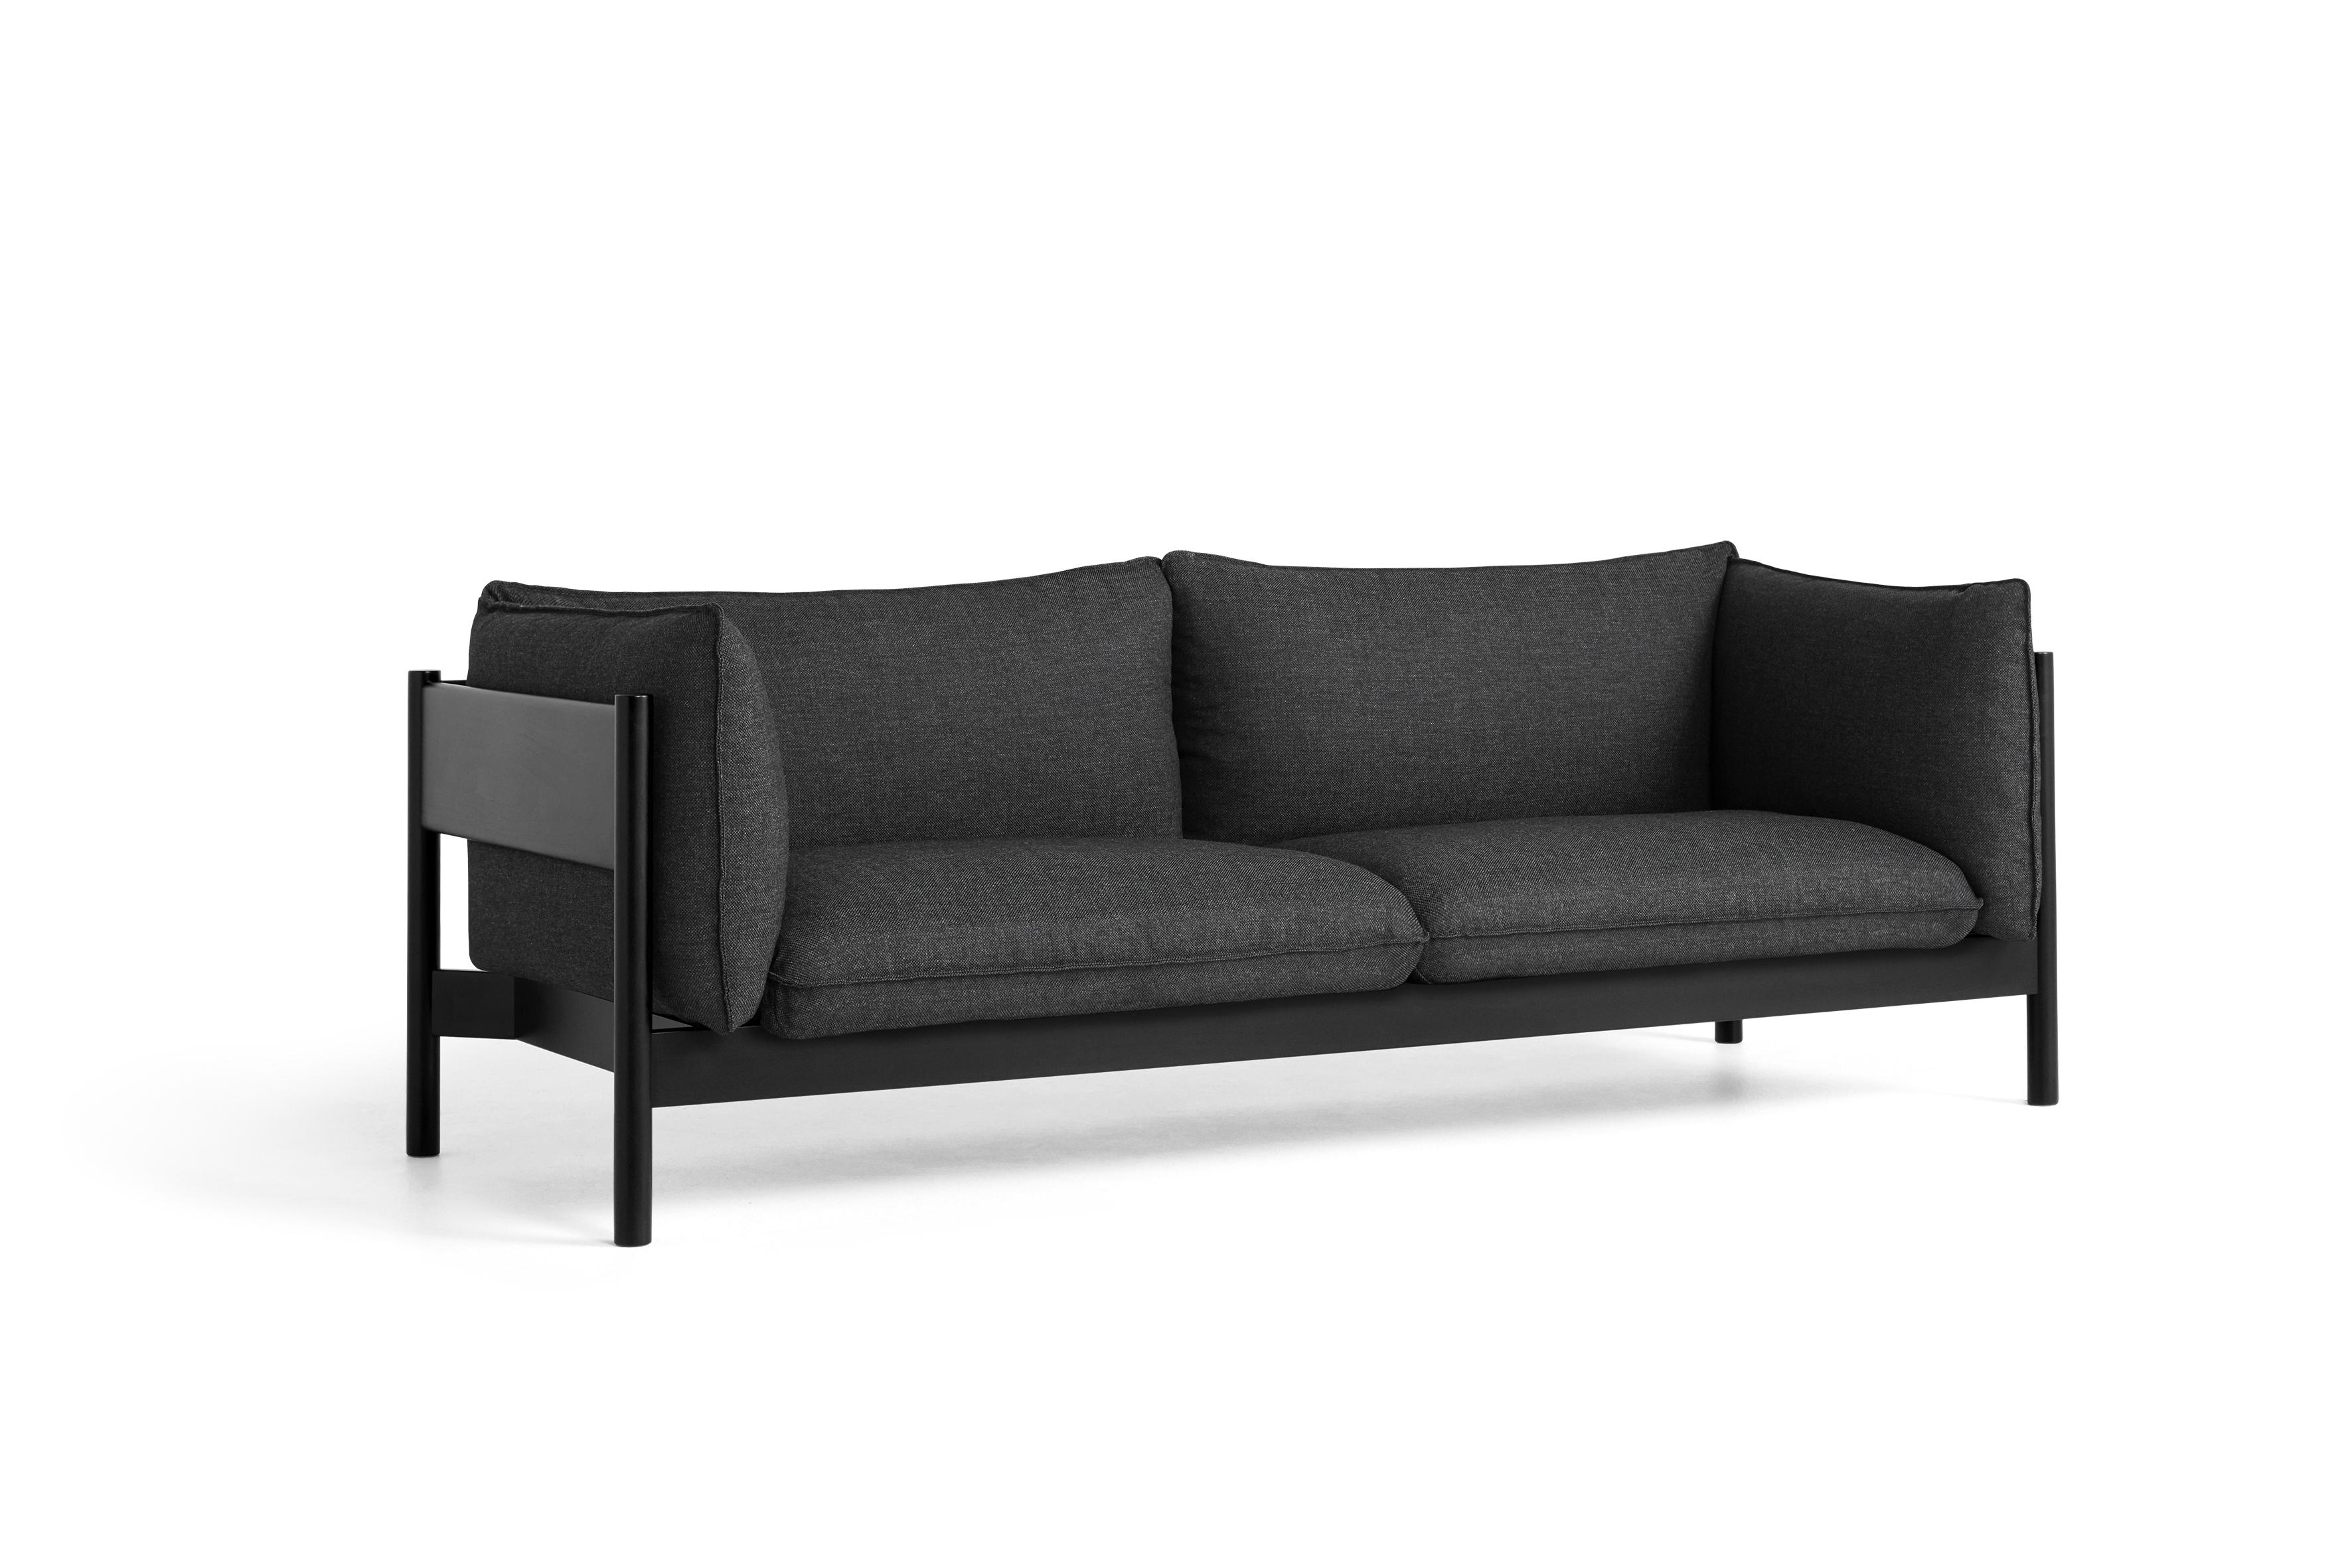 HAY Sofa ARBOUR 3 Sitzer |black| Re- Wool 198